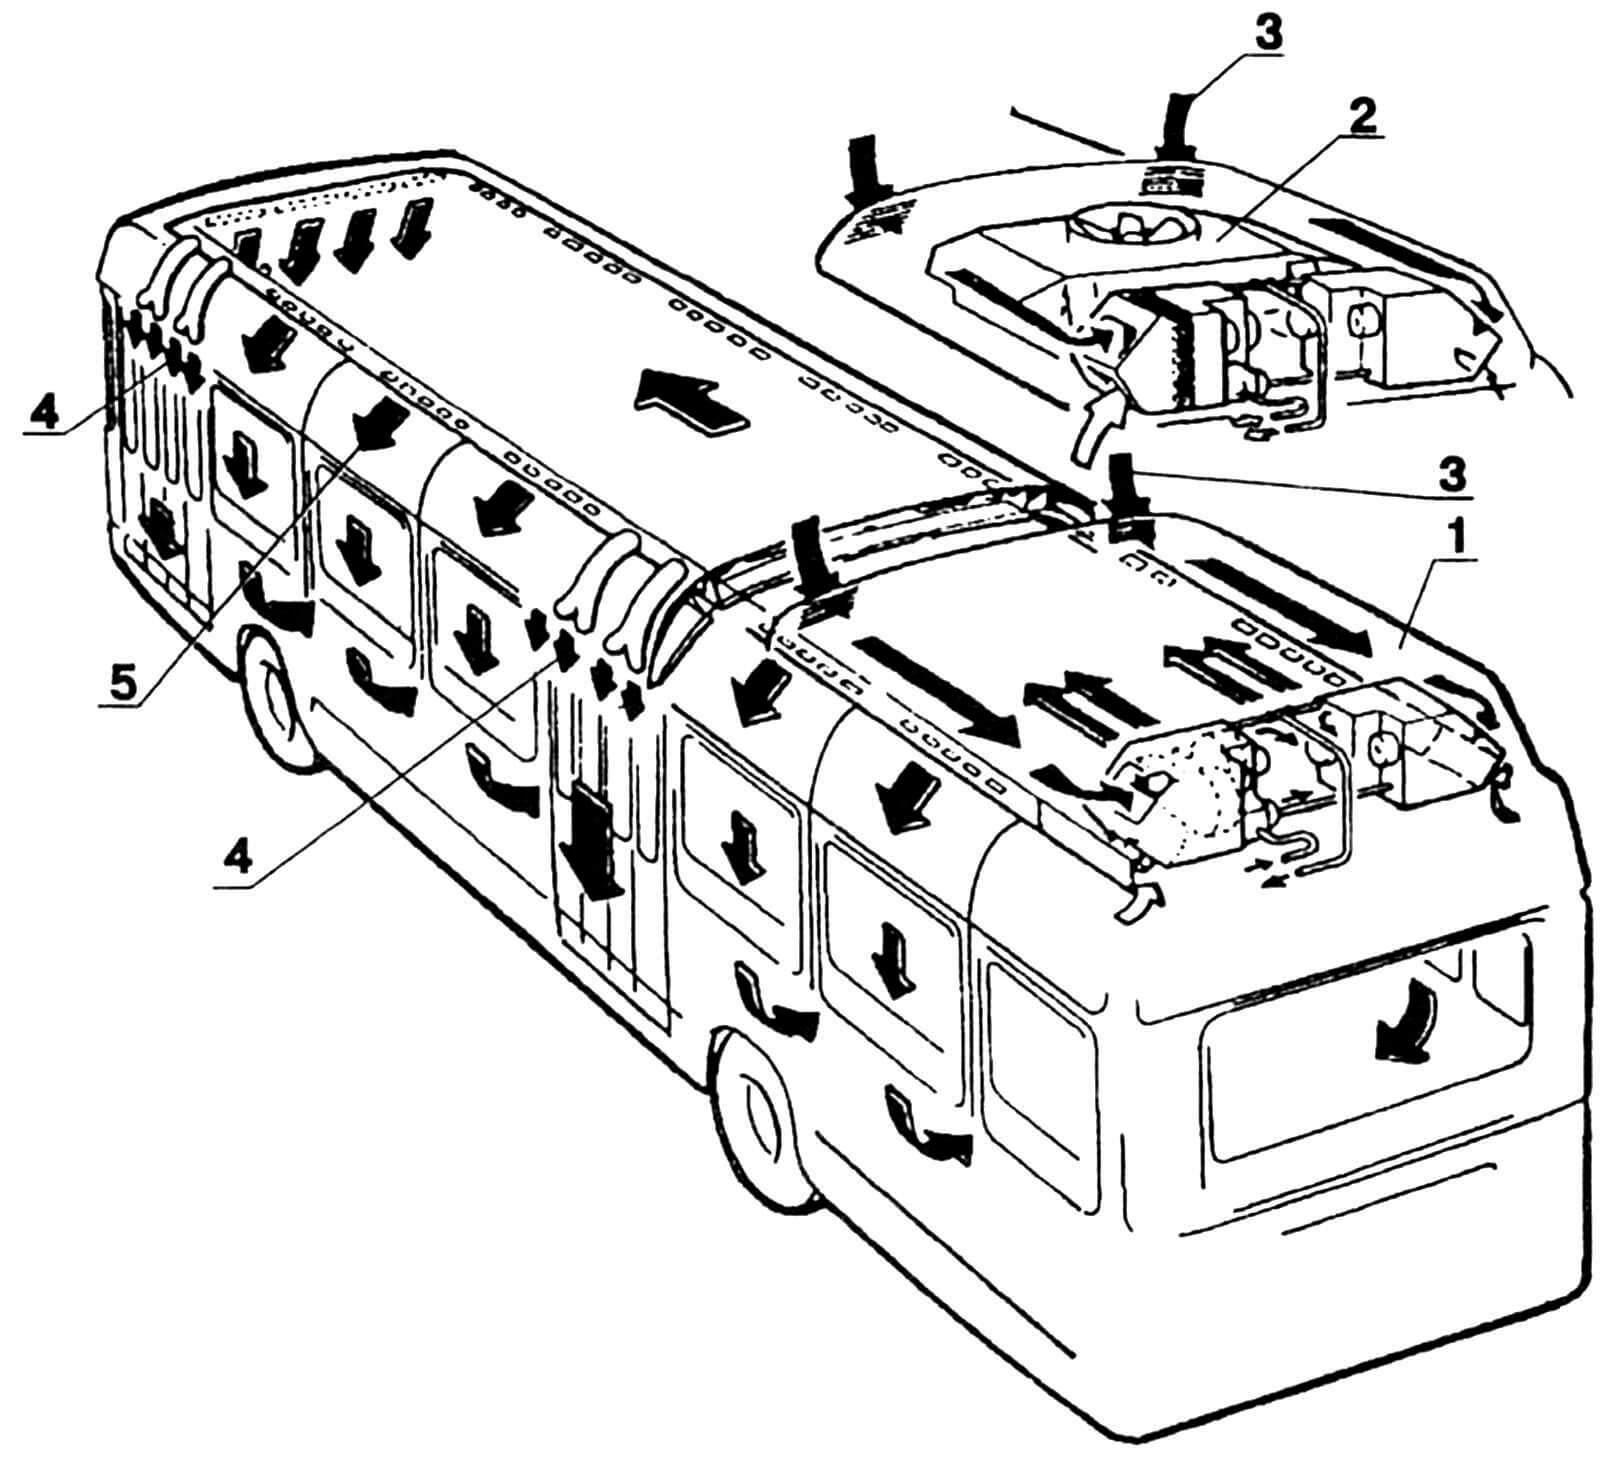 Схема вентиляции и отопления салона: 1— блок вентиляции и отопления, 2 — кондиционер, 3 — забор воздуха, 4 — завесы дверных проемов тепловые, 5 — направление движения теплого воздуха.